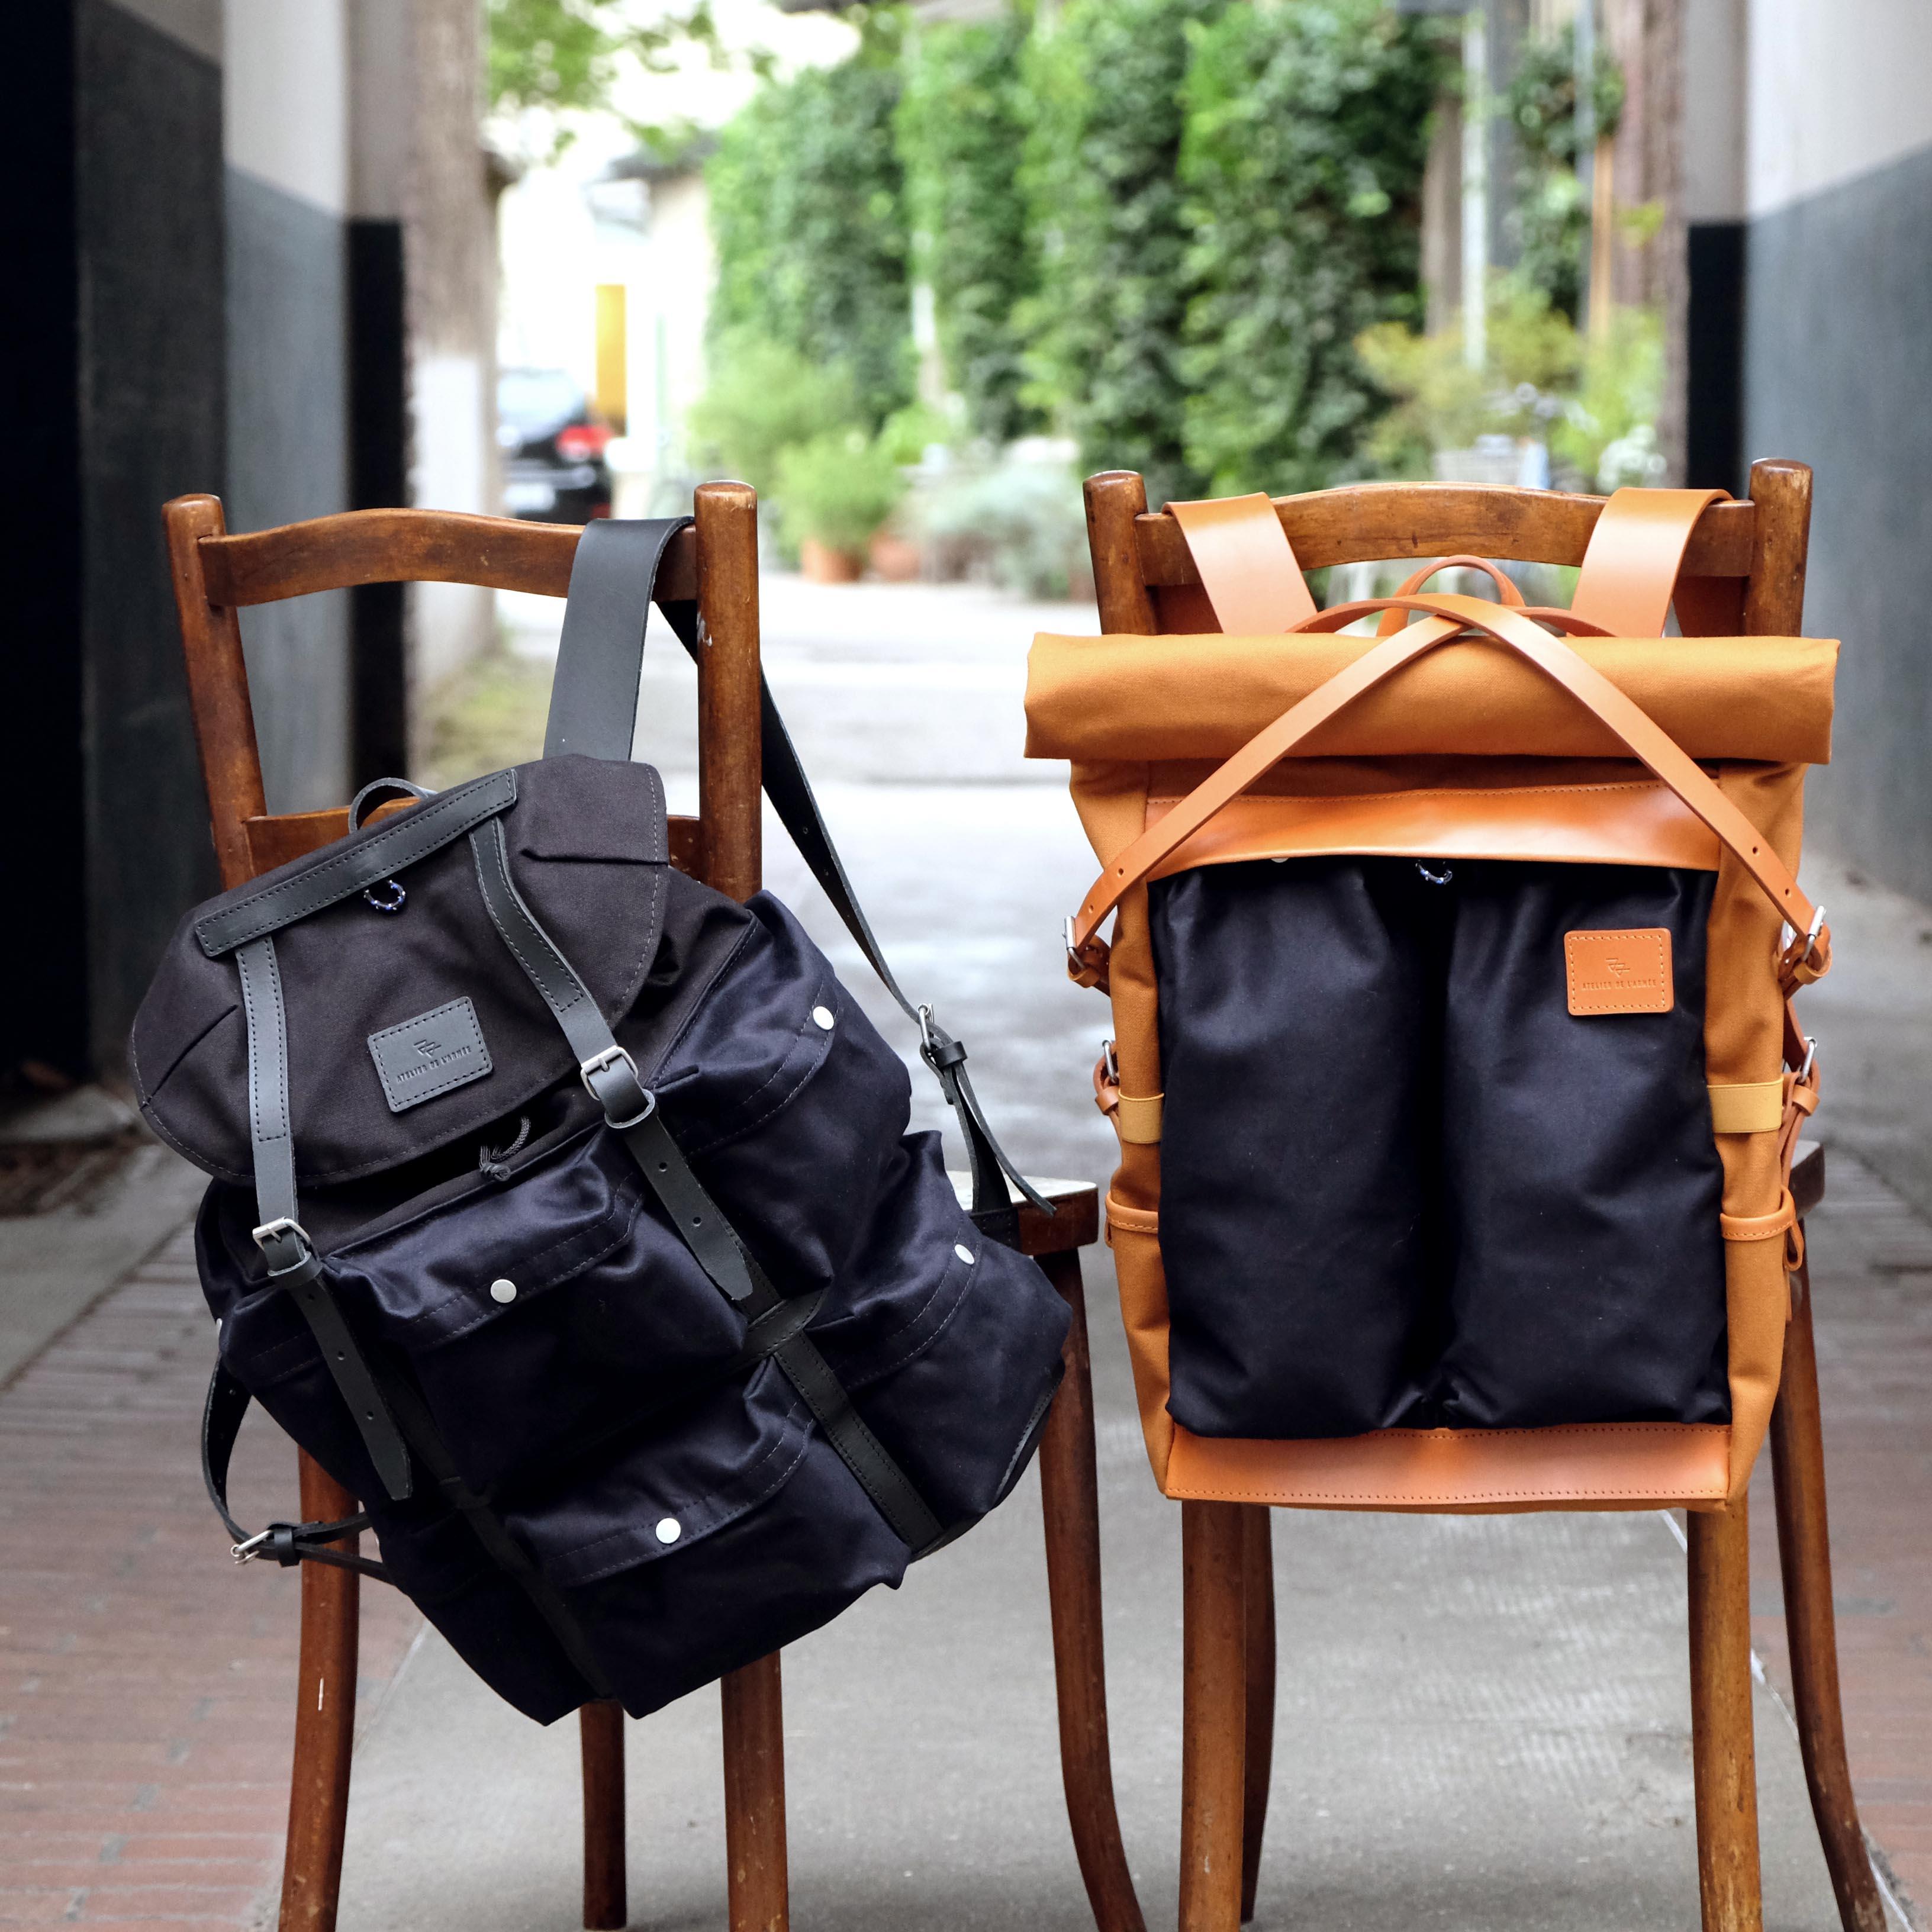 atelier-delarmee-rucksaecke-metropolis-flightpack